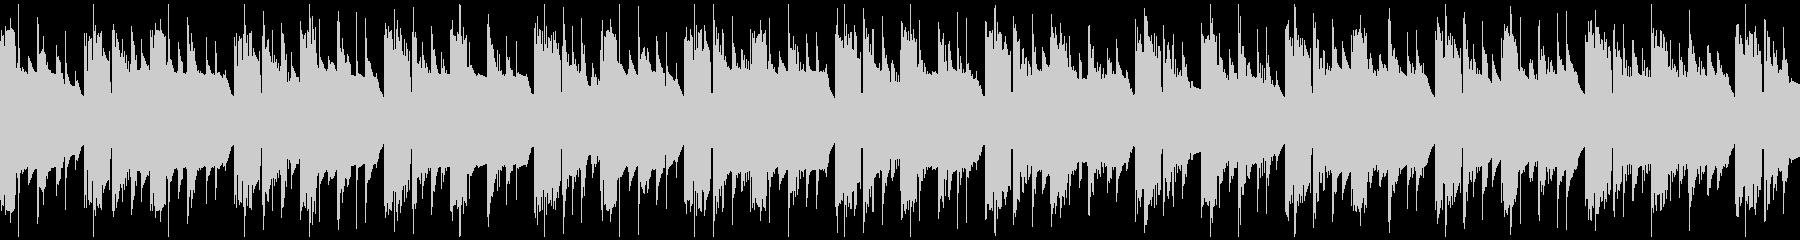 レトロなゲーム風BGM1 ループ仕様の未再生の波形